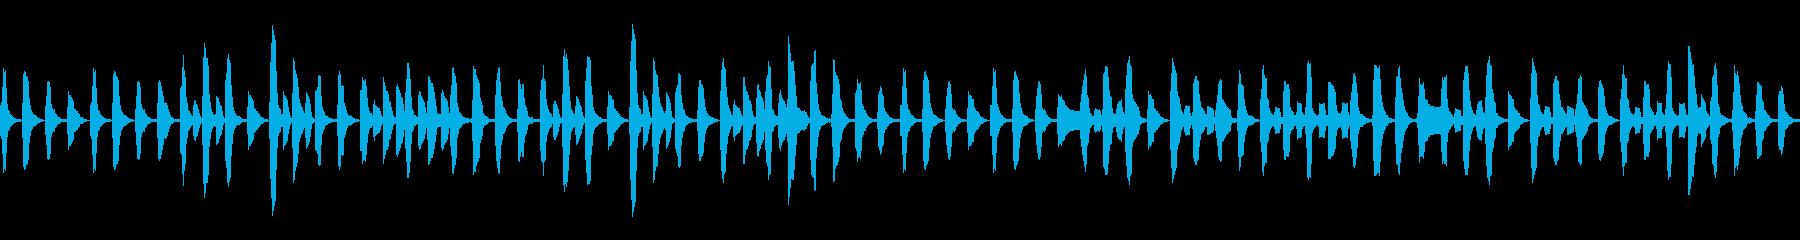 ピアノと管楽器ののんびりマーチの再生済みの波形